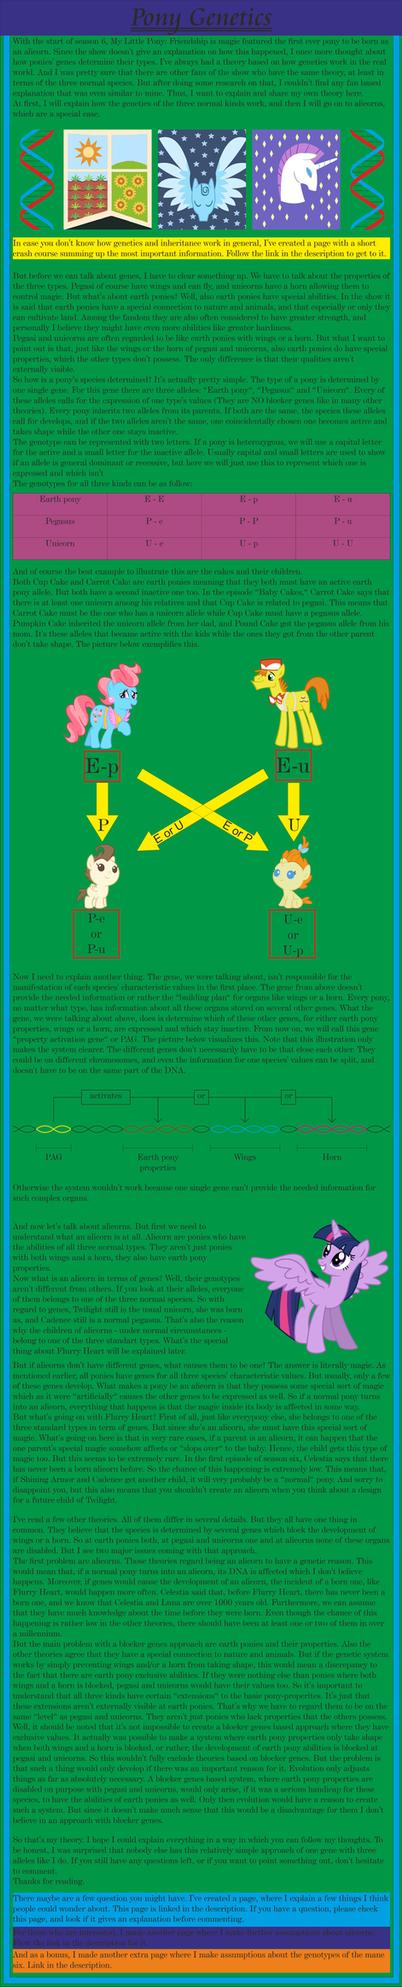 Pony Genetics by LPMx